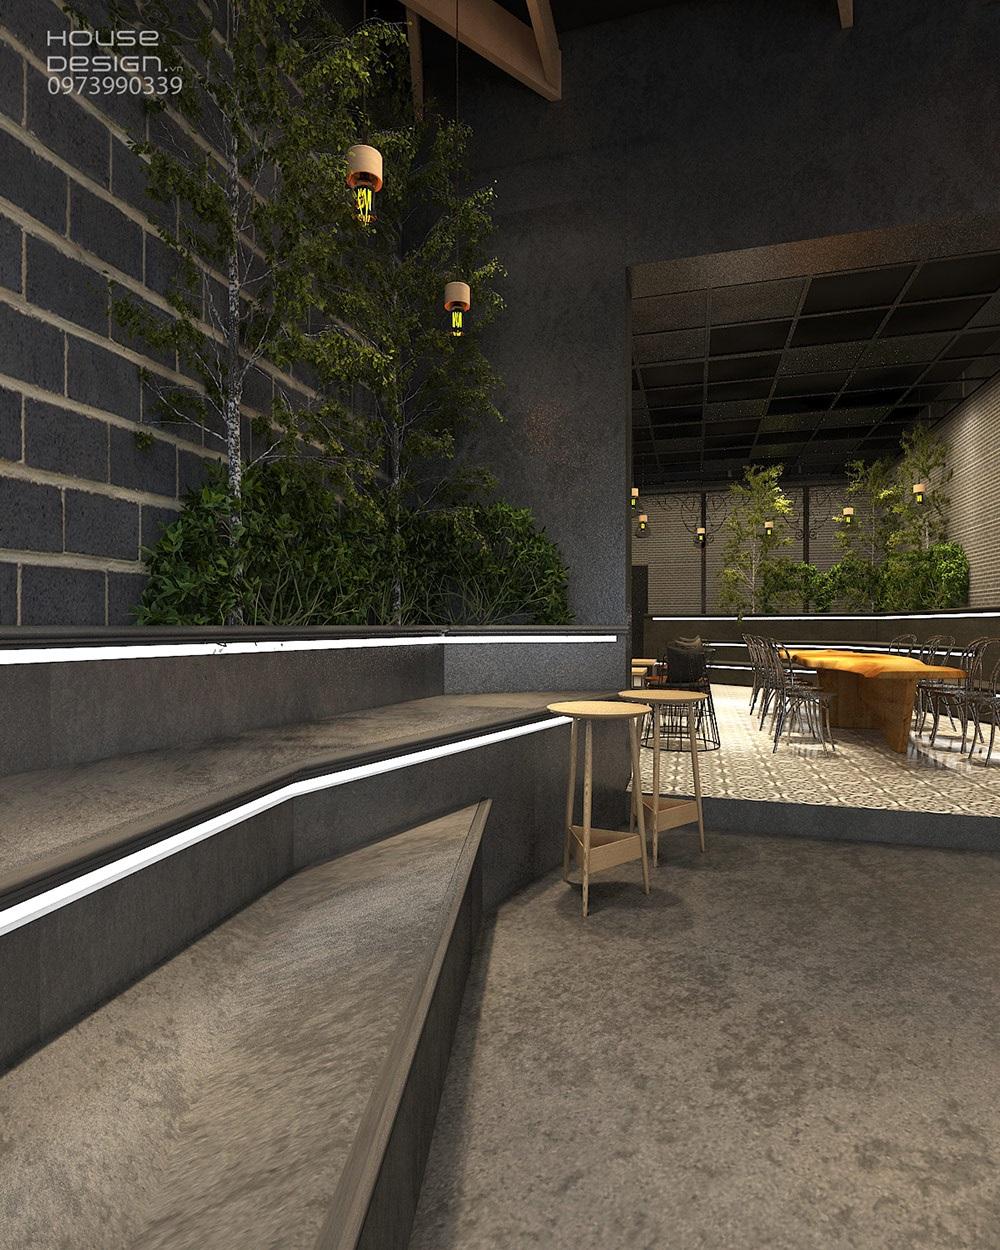 nội thất khách sạn đẹp - Housedesign